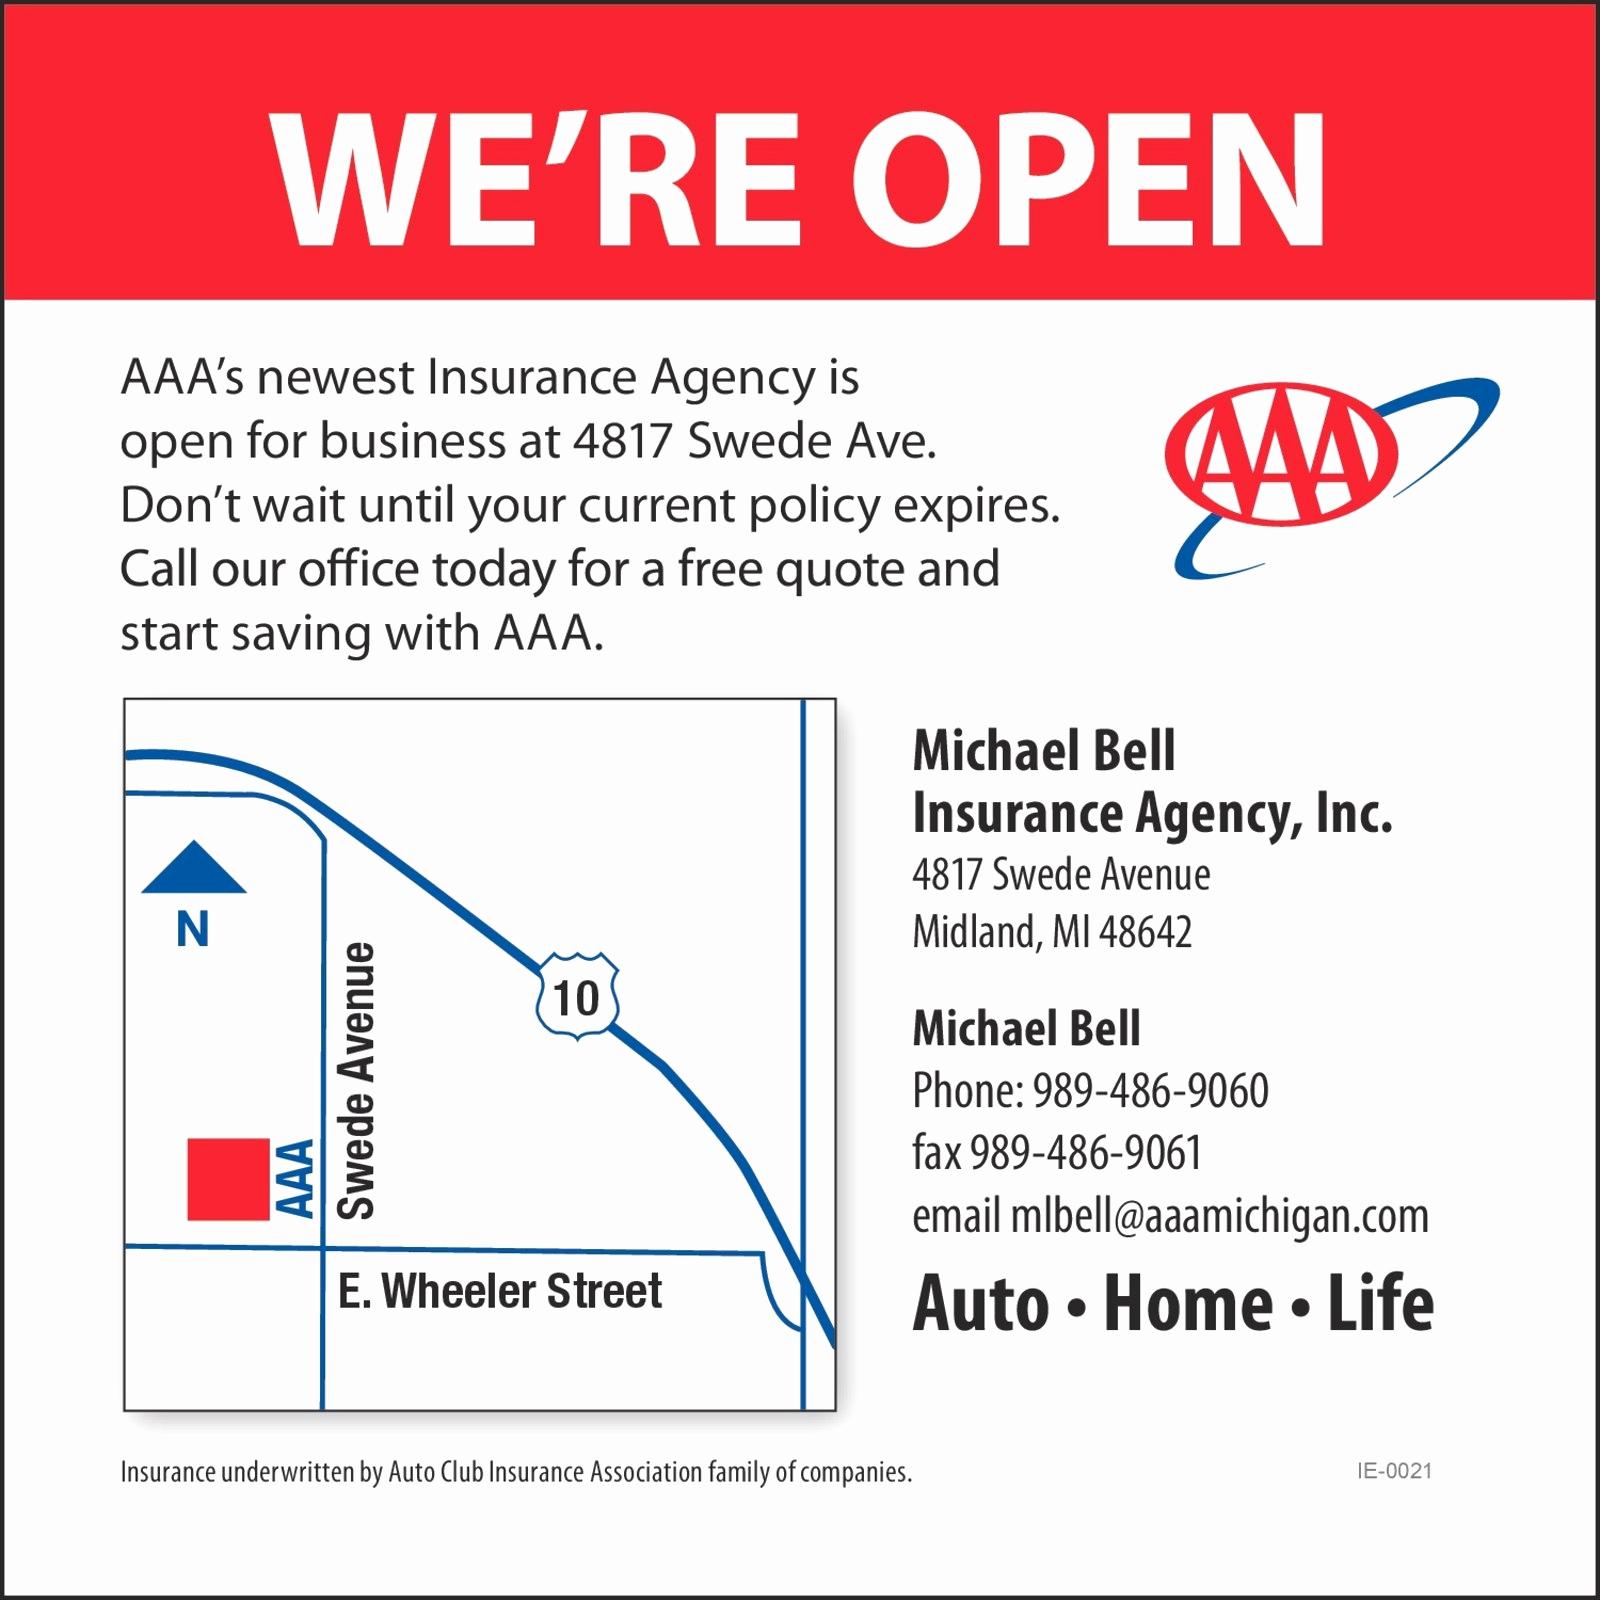 aaa car insurance login photo - 1